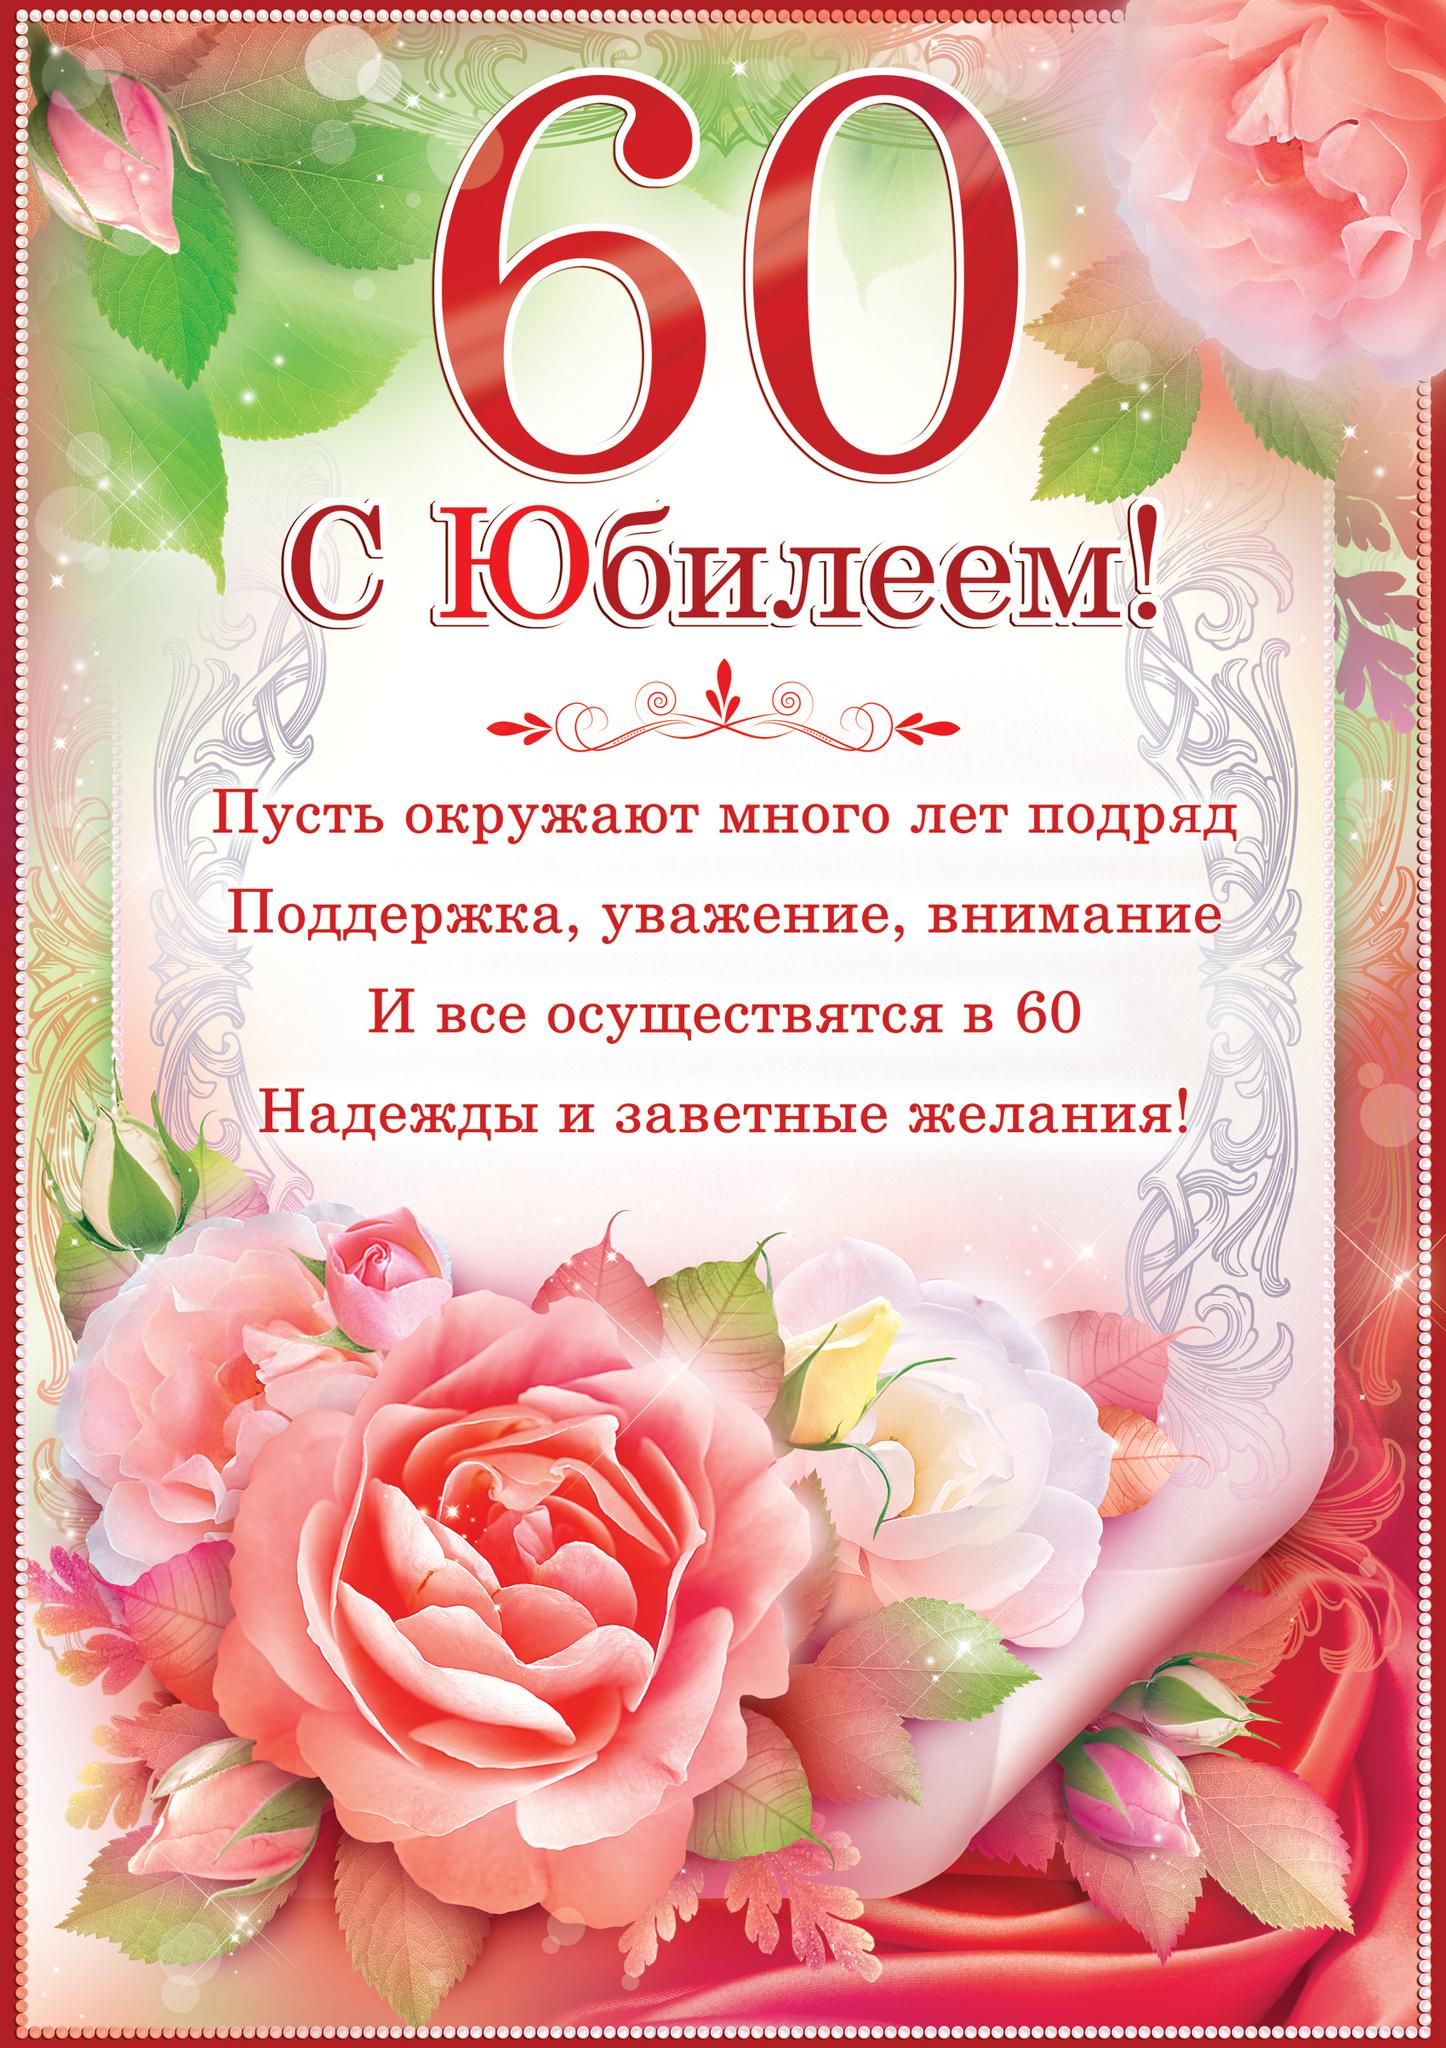 Лучшие поздравление с юбилеем 60 лет женщине